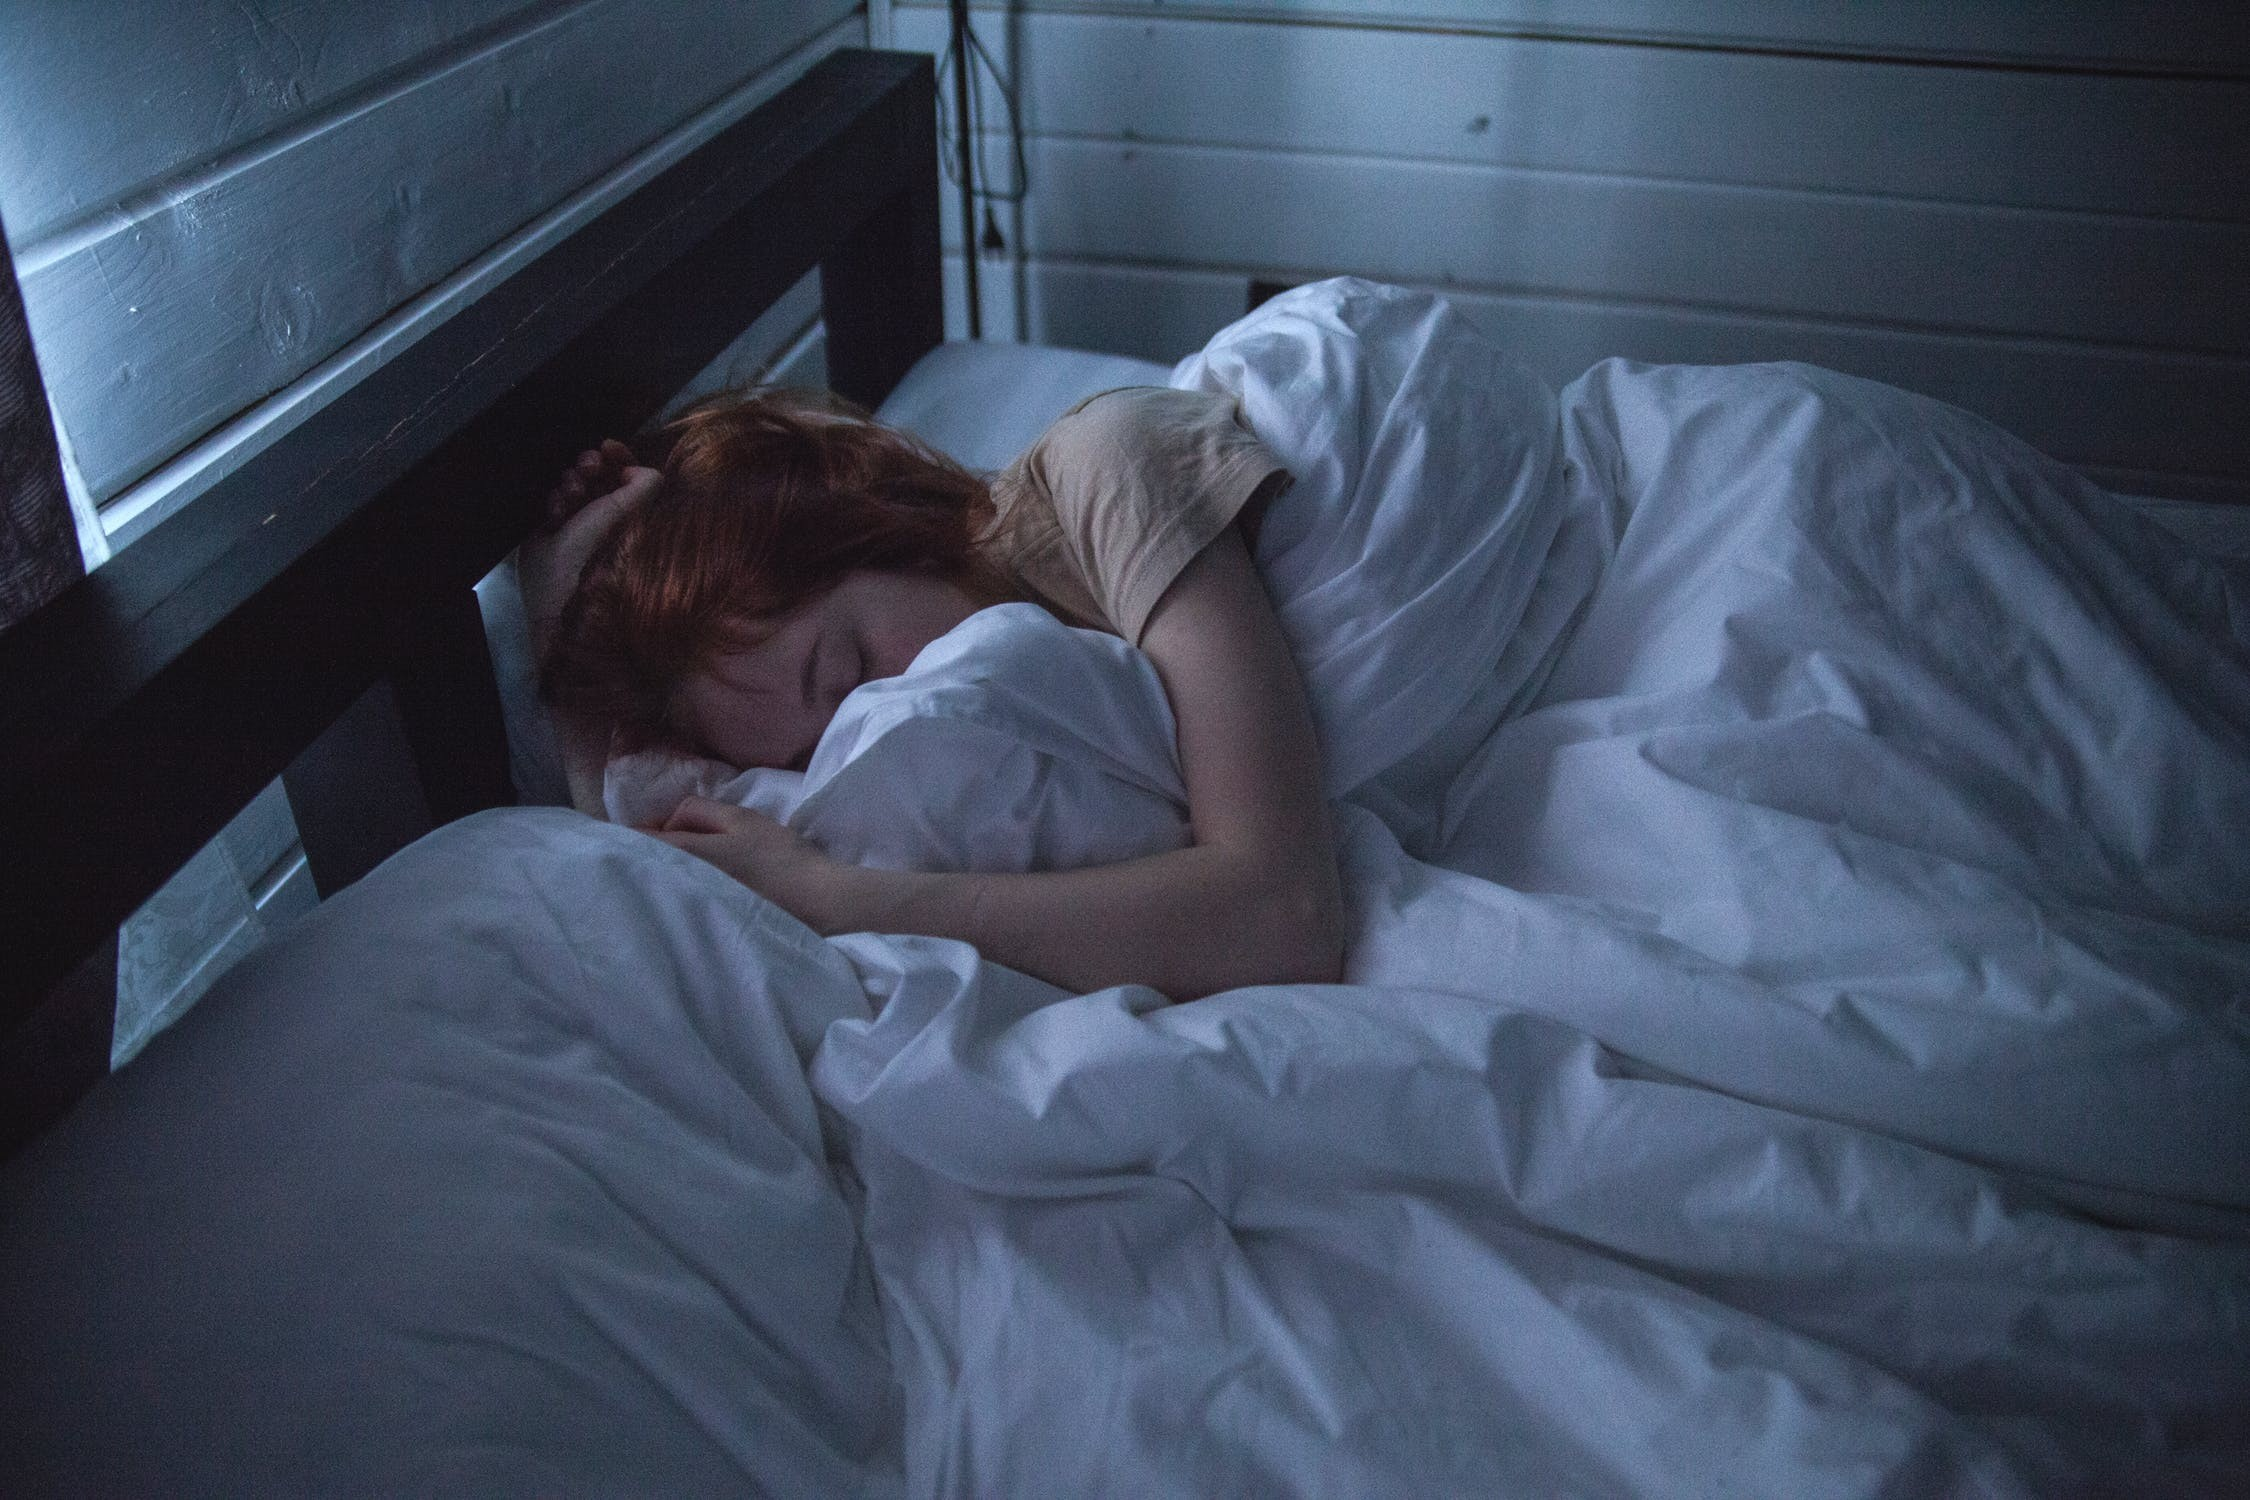 ▲睡覺(示意圖/取自免費圖庫Pexels)